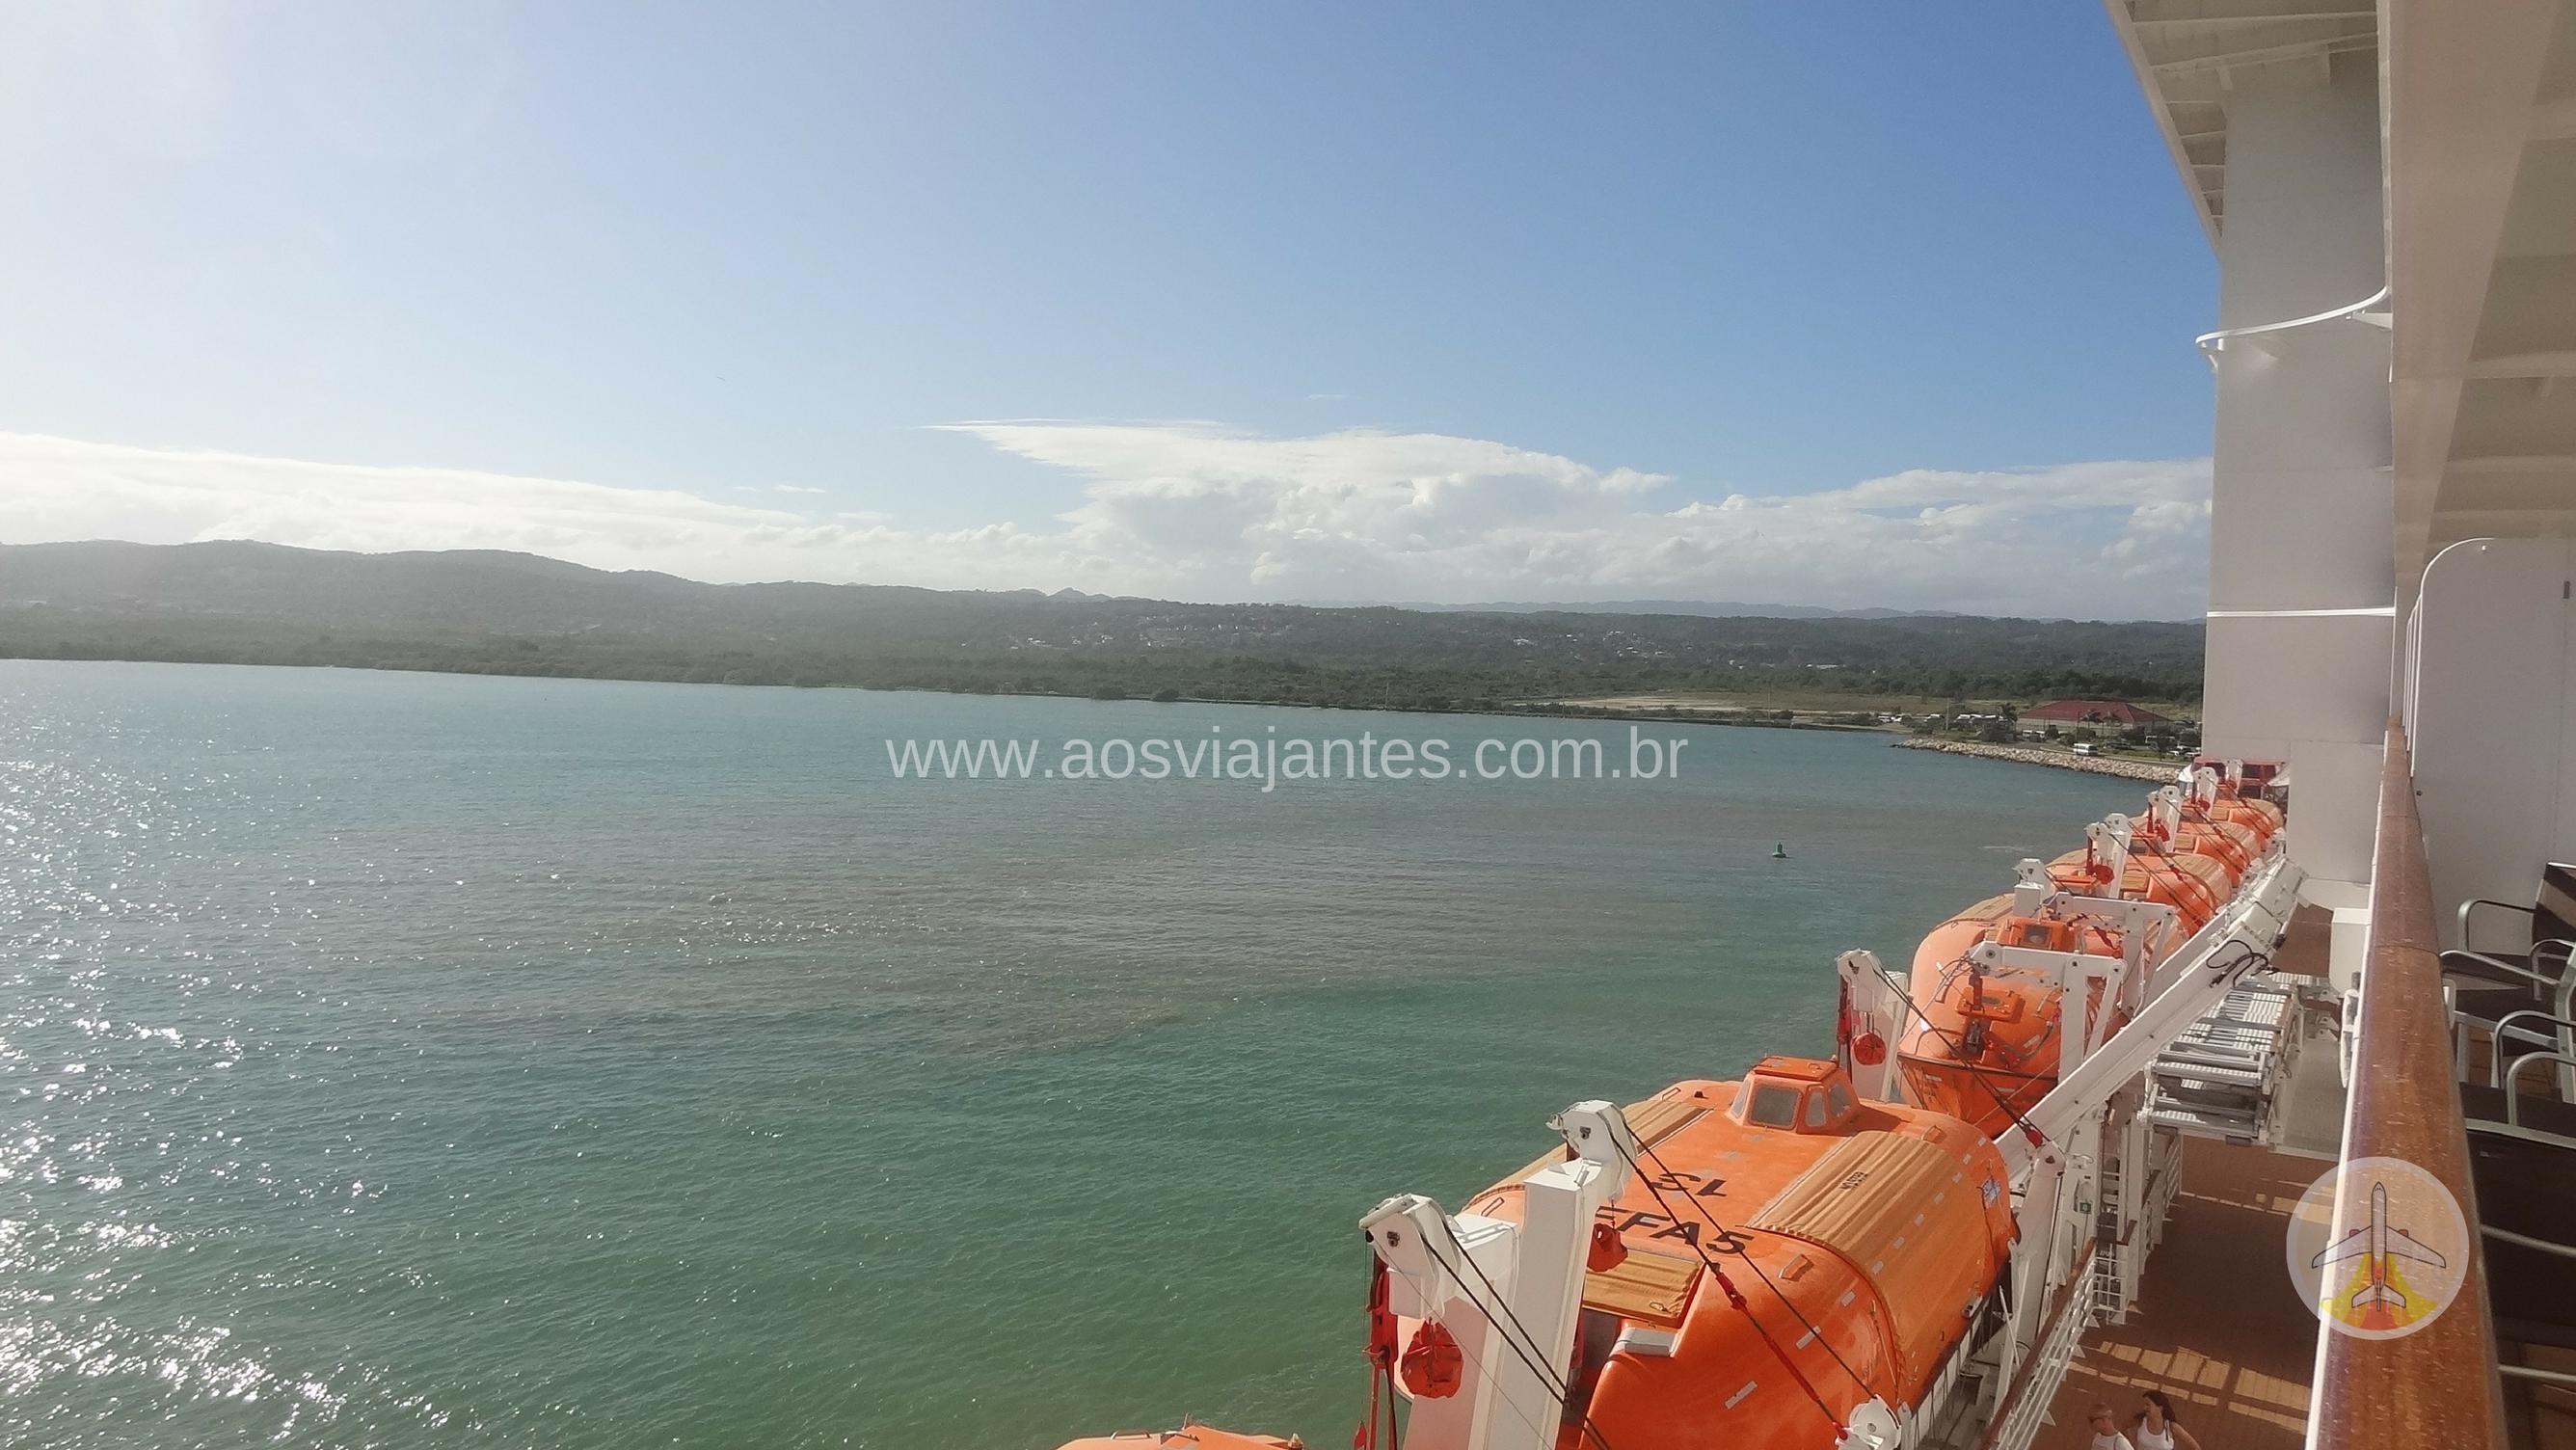 porque-fazer-um-cruzeiro-deslocamento Porque fazer um cruzeiro no Caribe? (10 motivos e 1 bonus!)